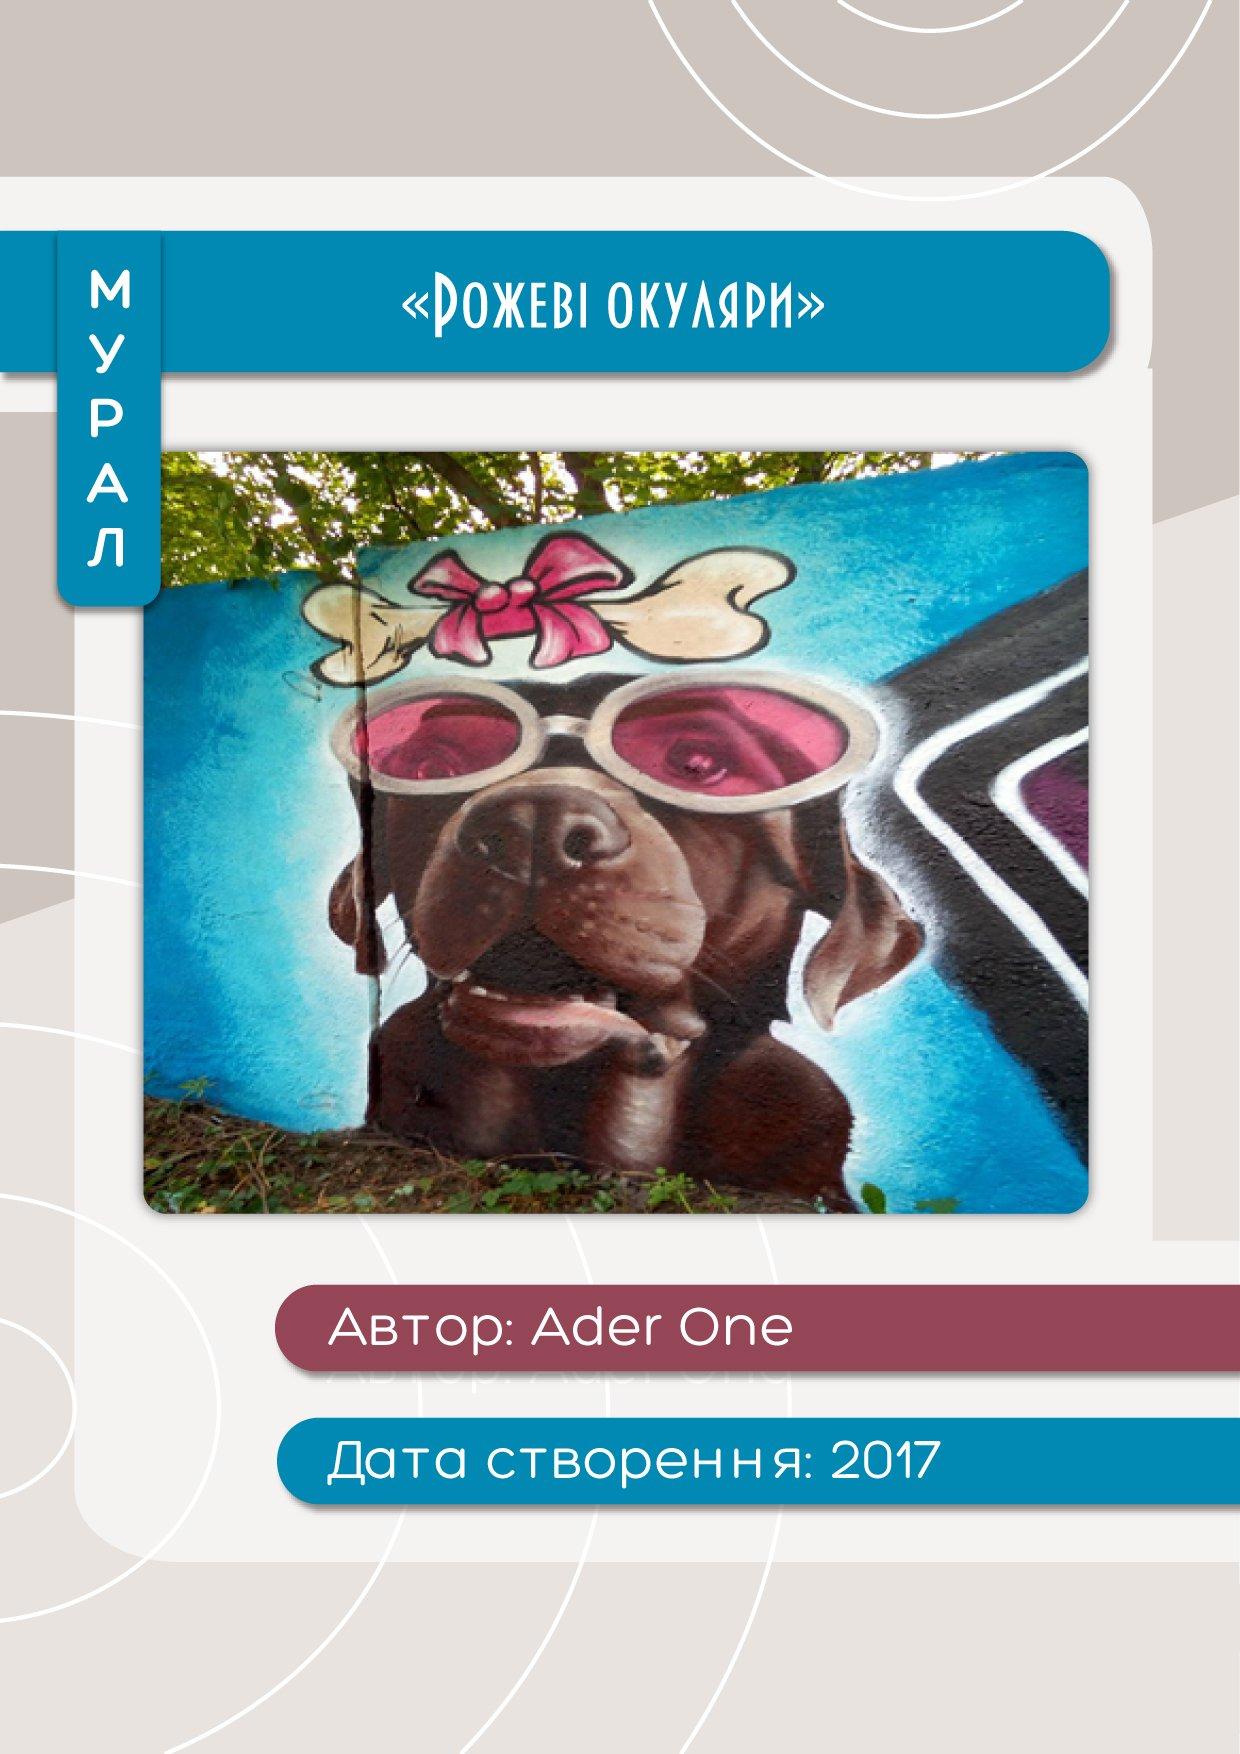 Мурали Чернігова зібрали в єдину базу (каталог), фото-3